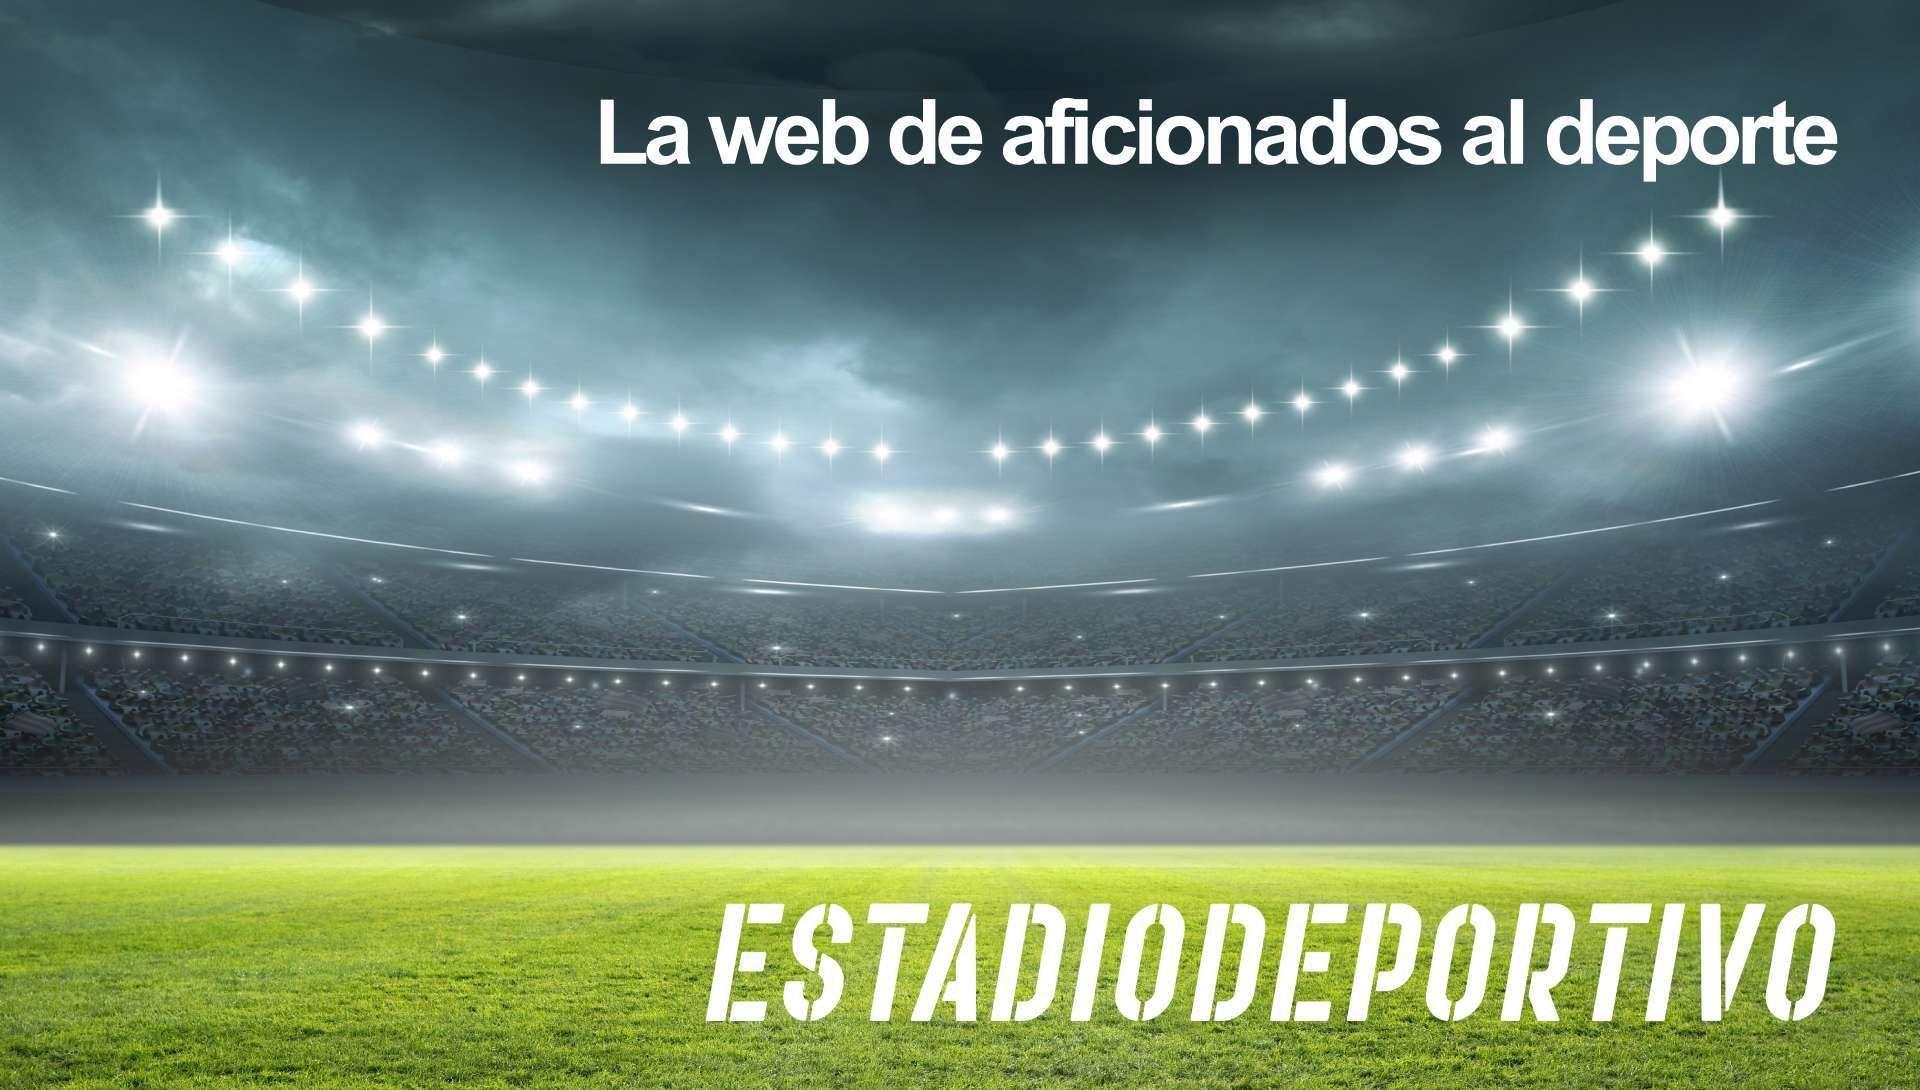 Las portadas de la prensa deportiva